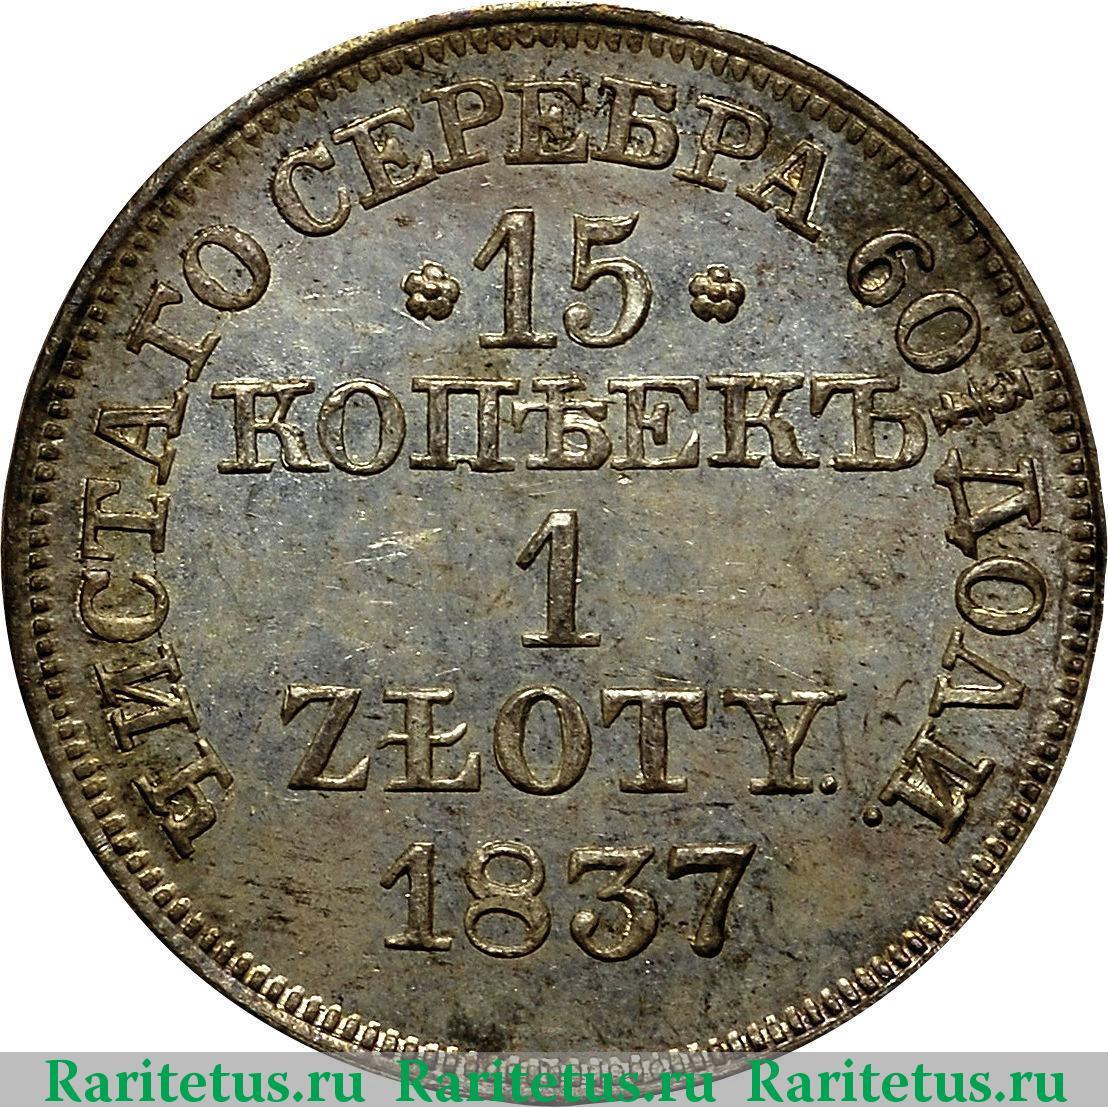 15 копеек 1 злотый 1837 рубль 1823 года стоимость